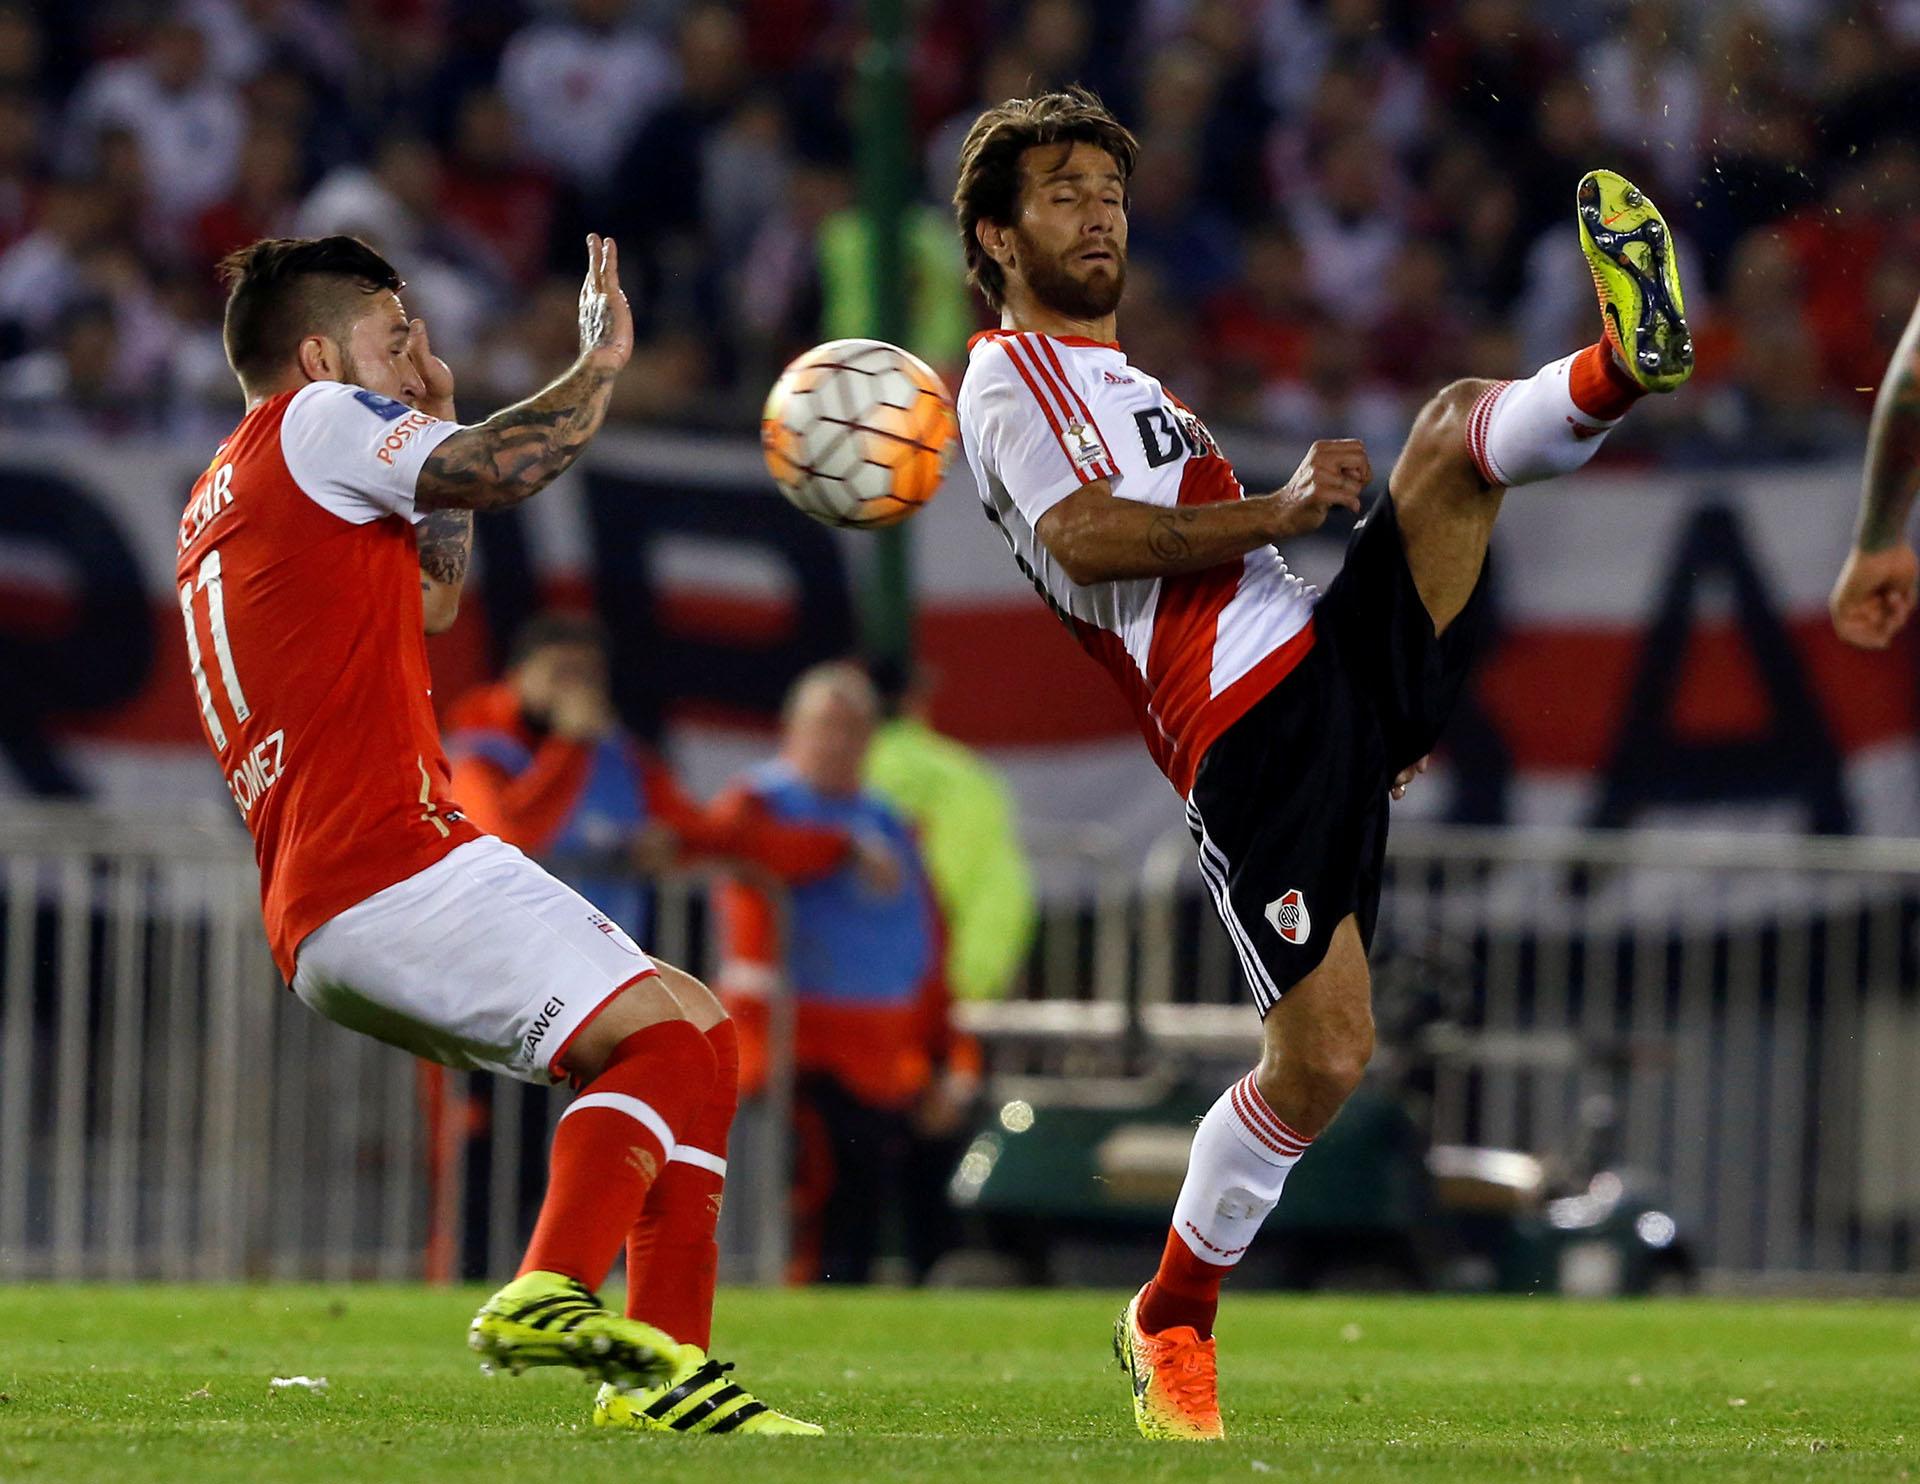 Leonardo Ponzio disputa un balón con Jonathan Gómez (Reuters)